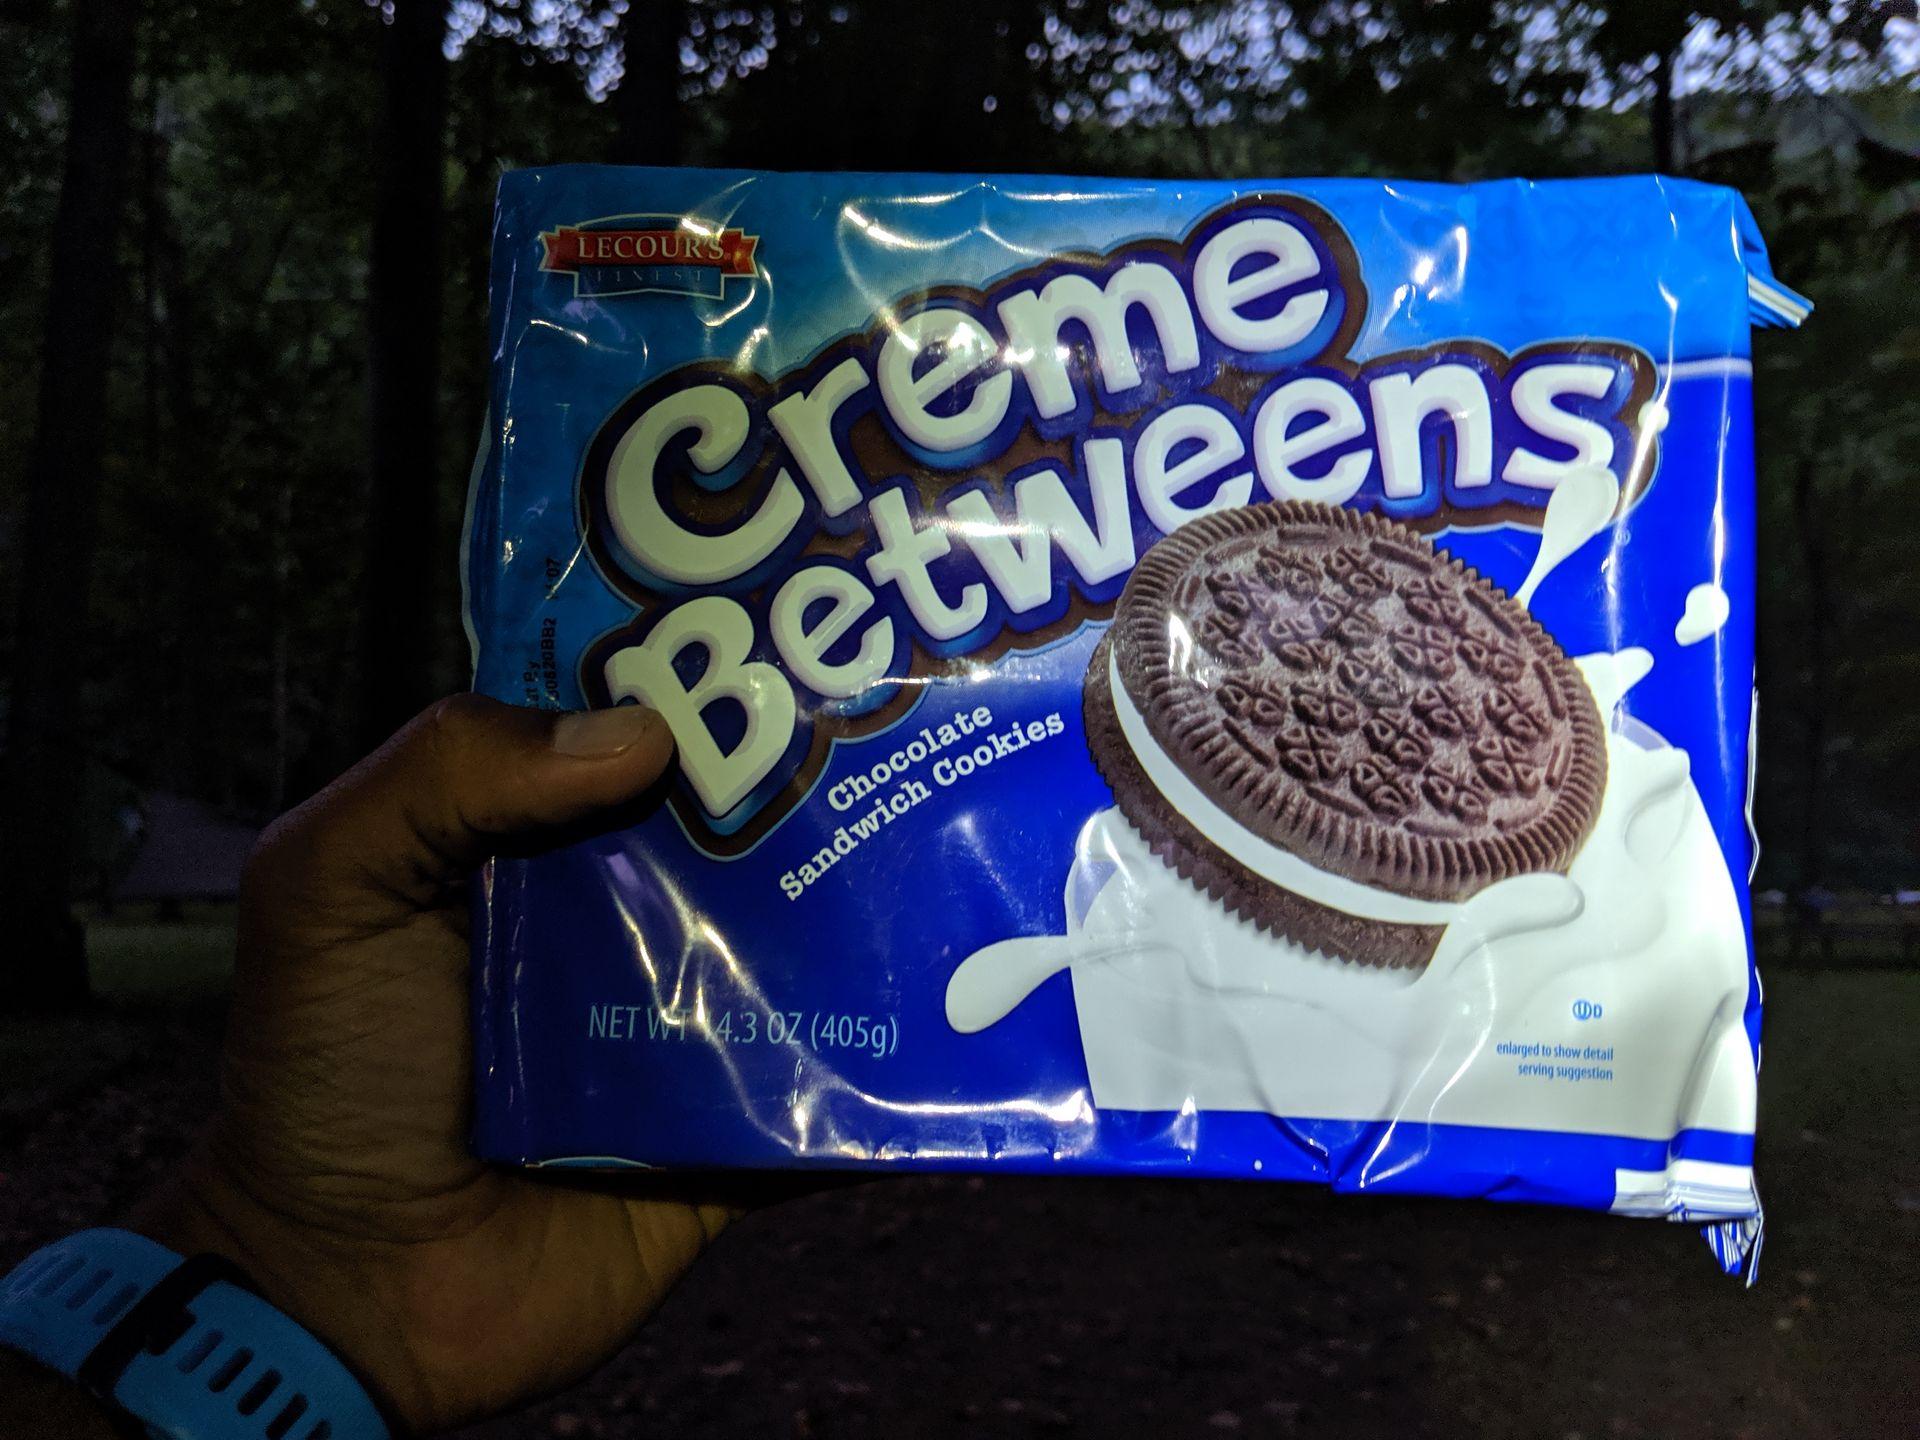 Creme Betweens